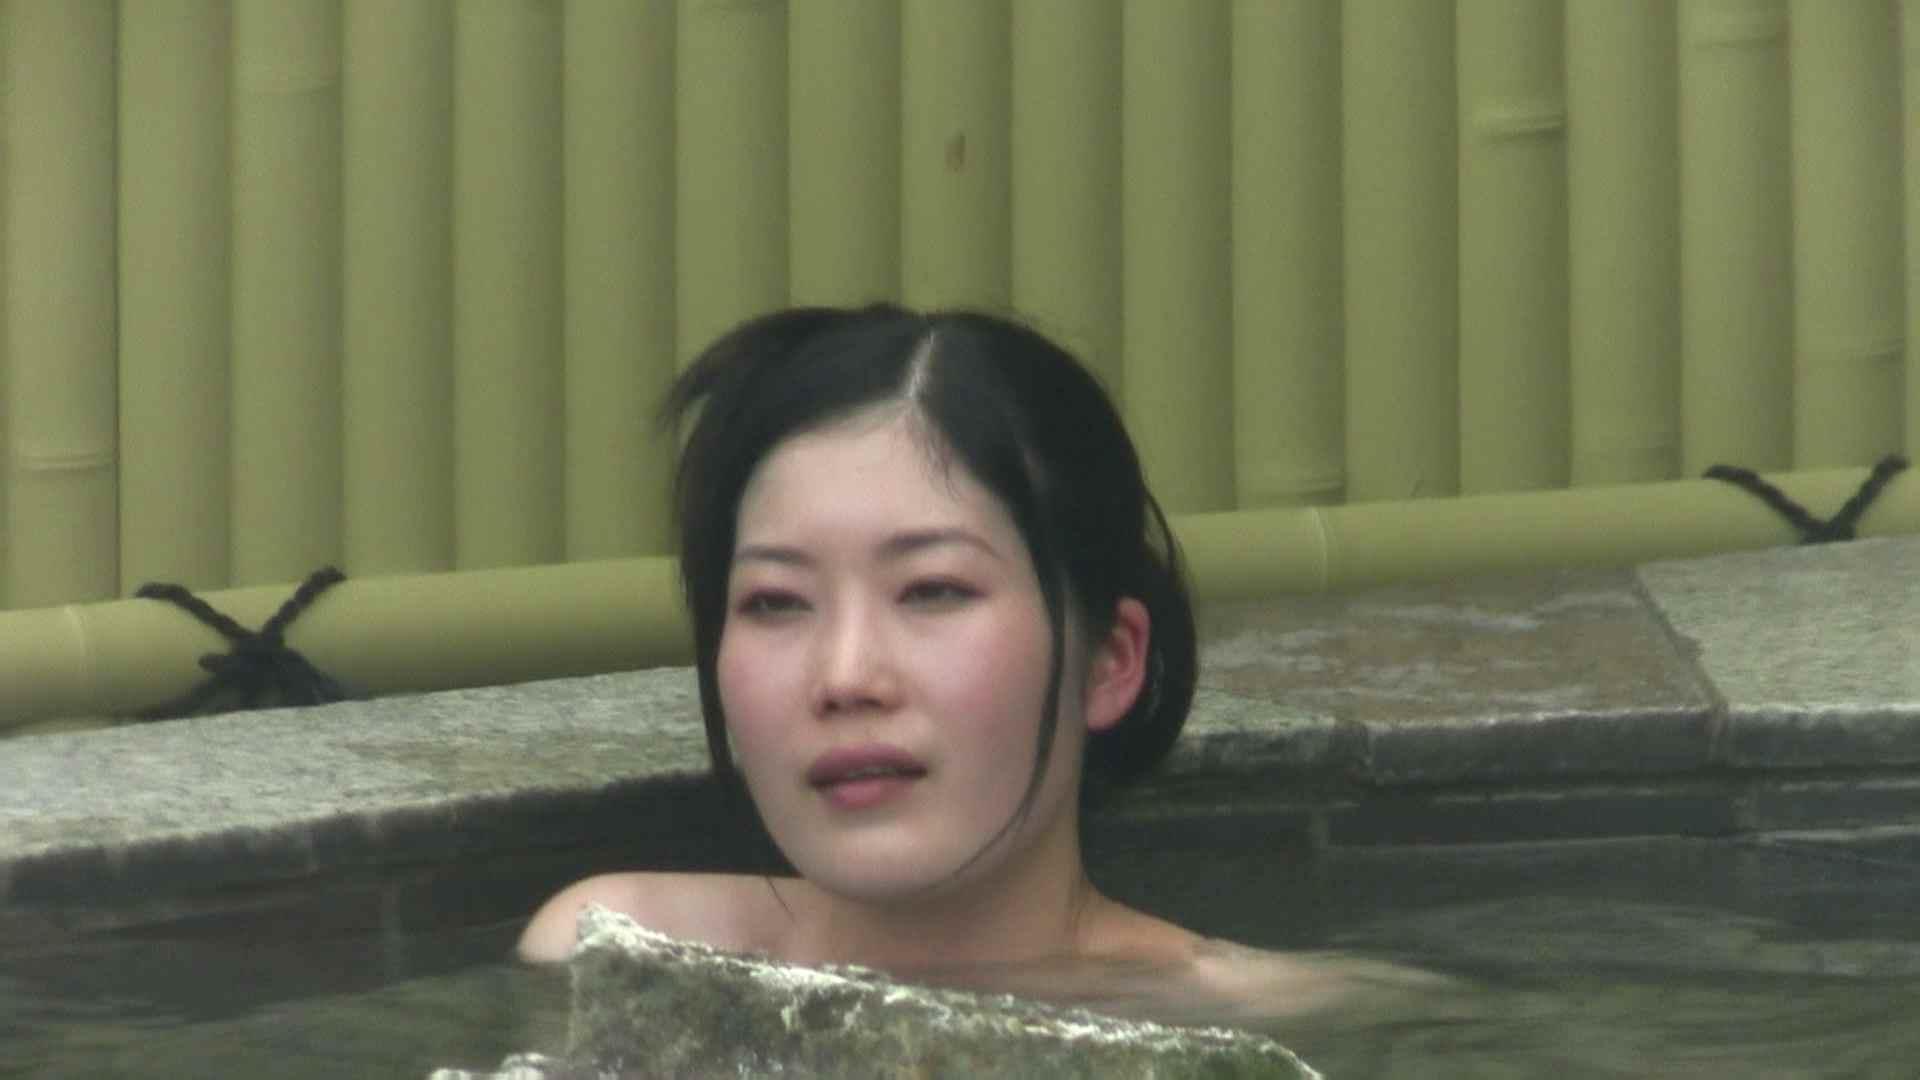 高画質露天女風呂観察 vol.039 高画質 | 望遠  53pic 11